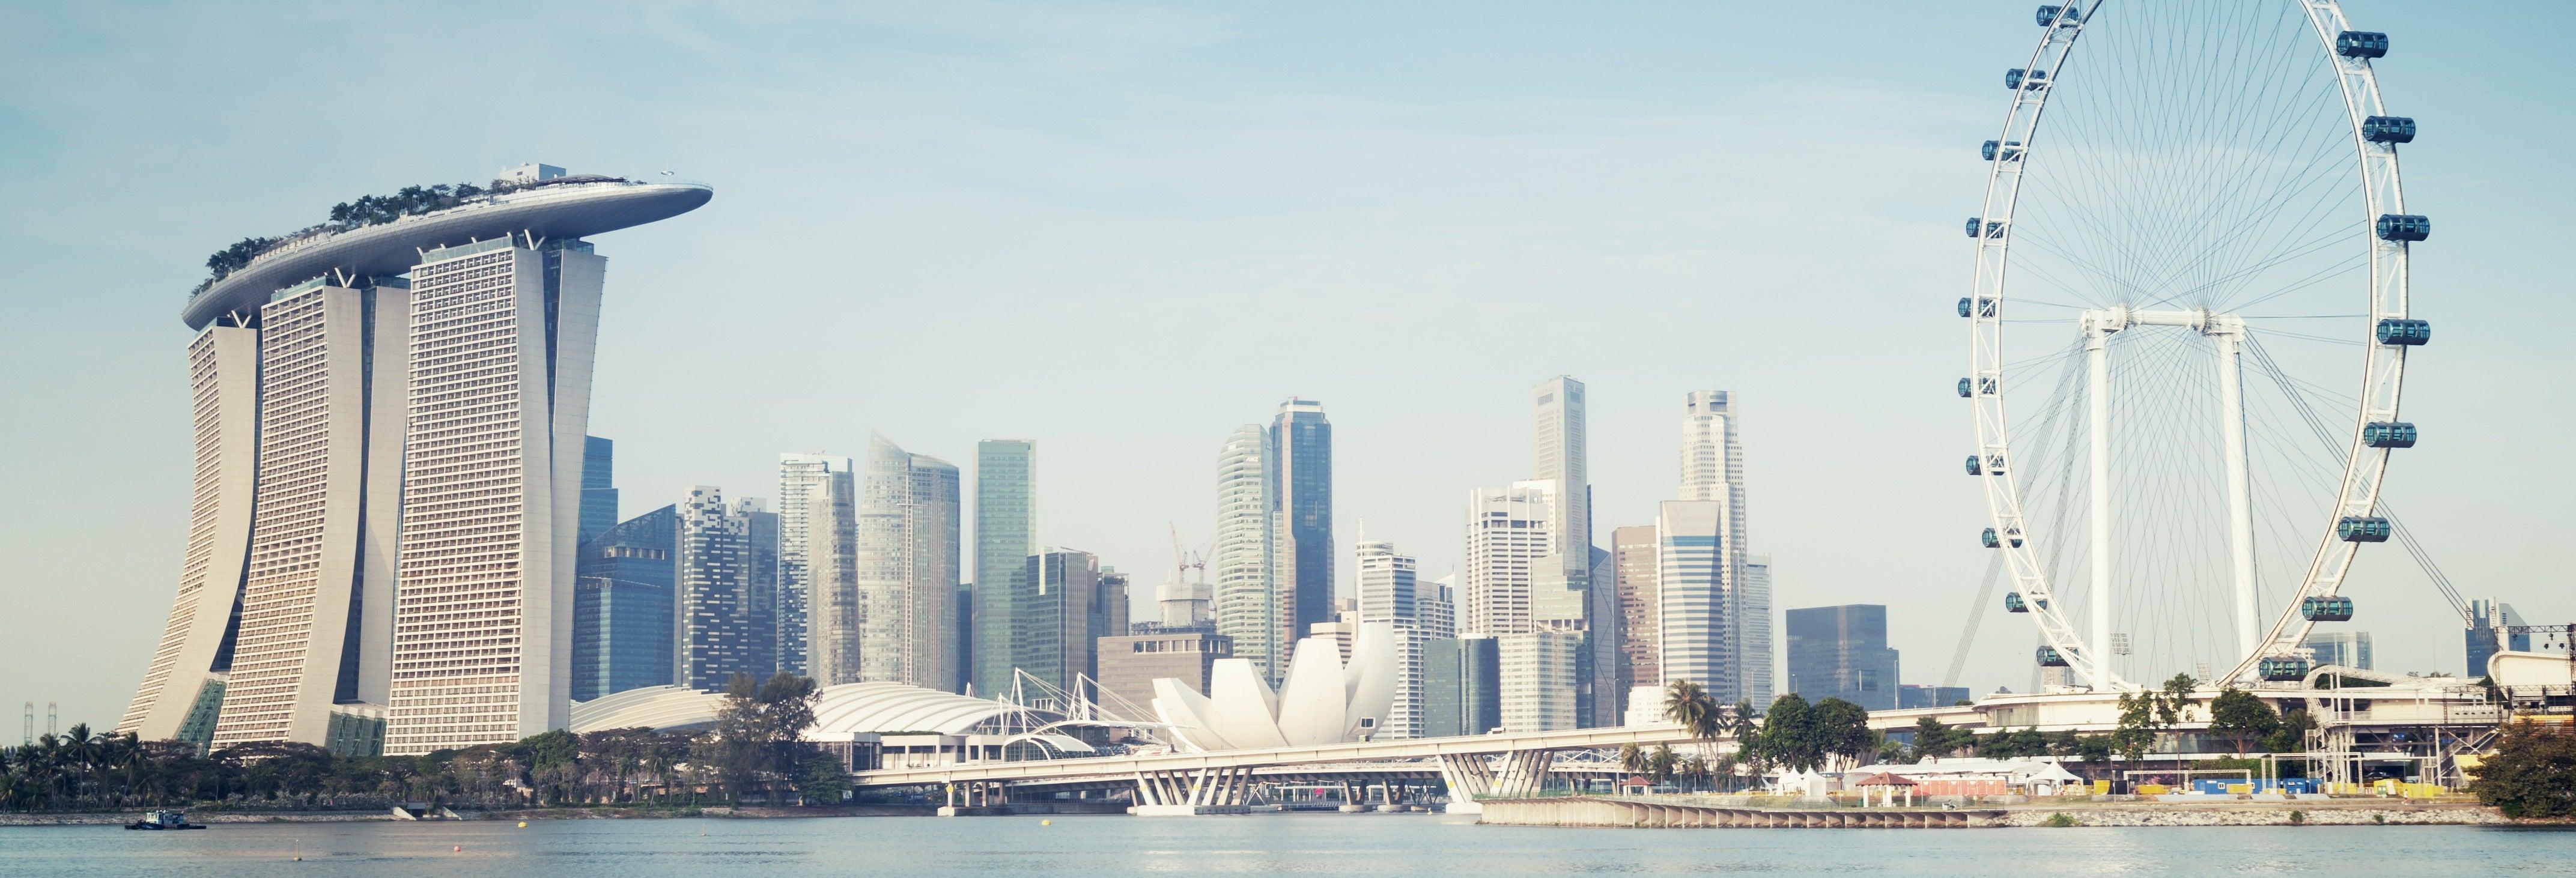 Entrada a Singapore Flyer